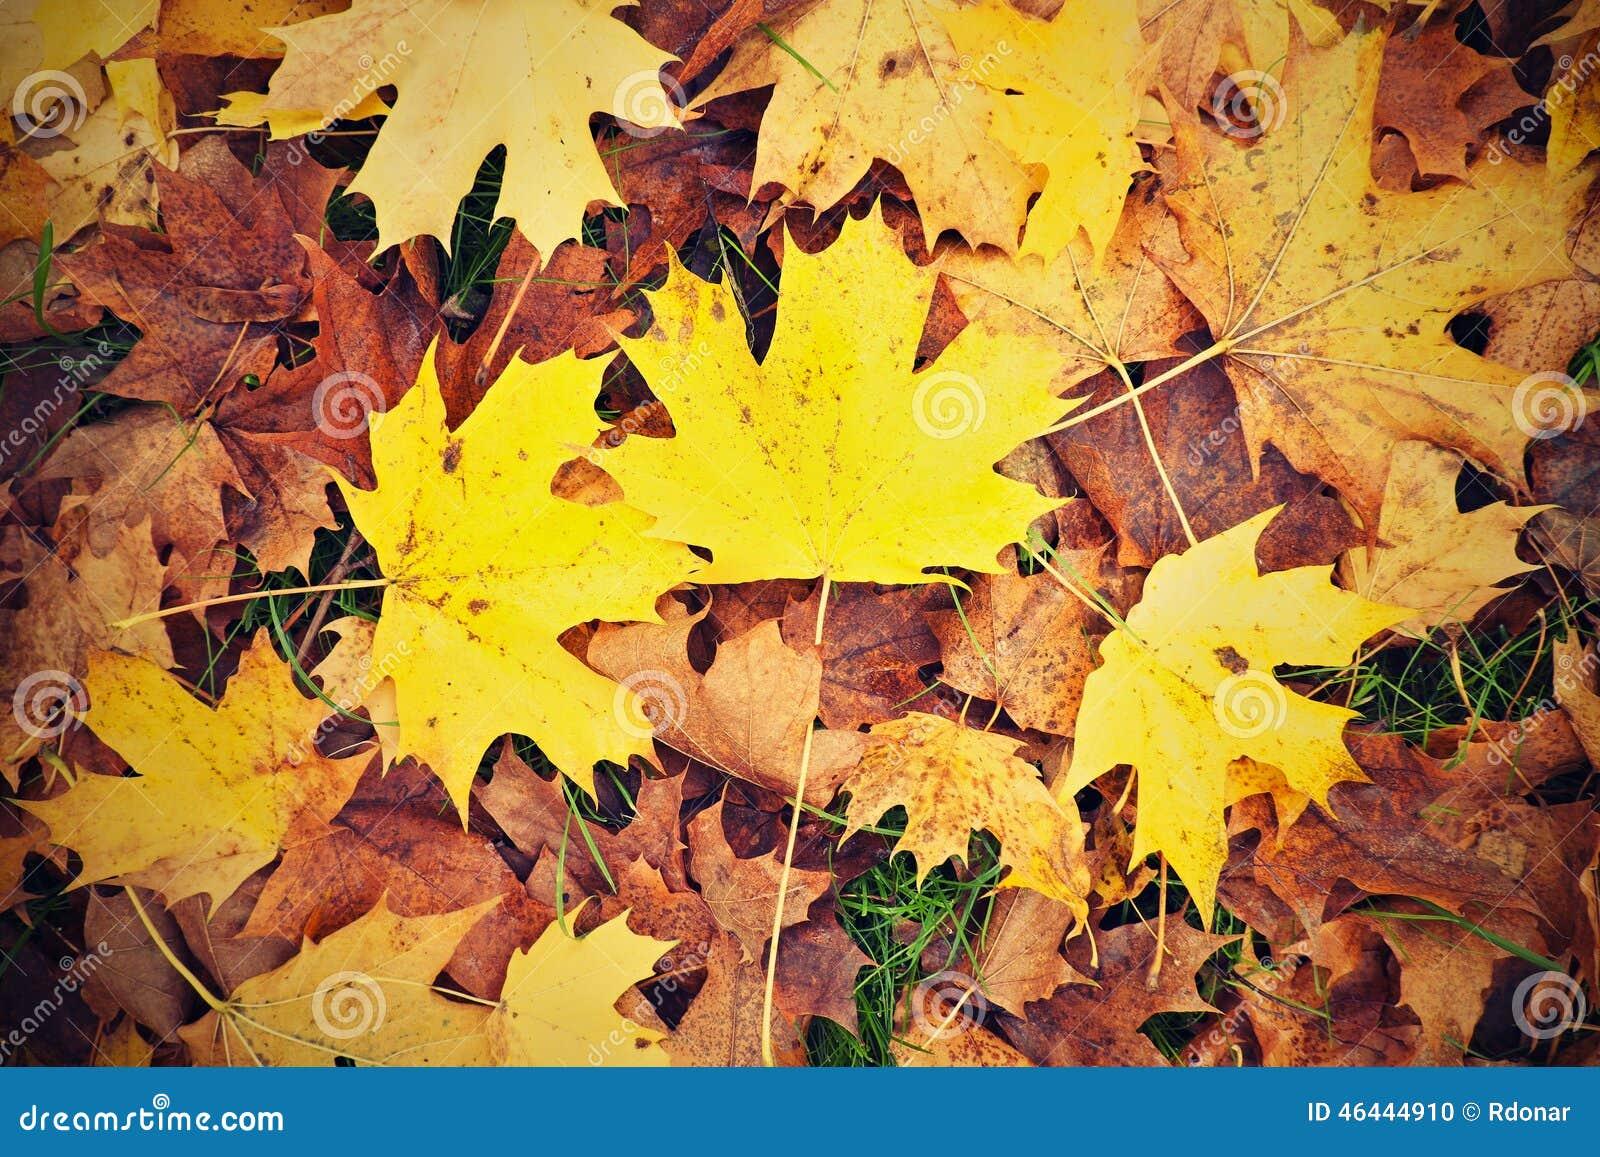 Parc d 39 automne rectifi avec des feuilles d 39 automne grande - Image feuille automne ...